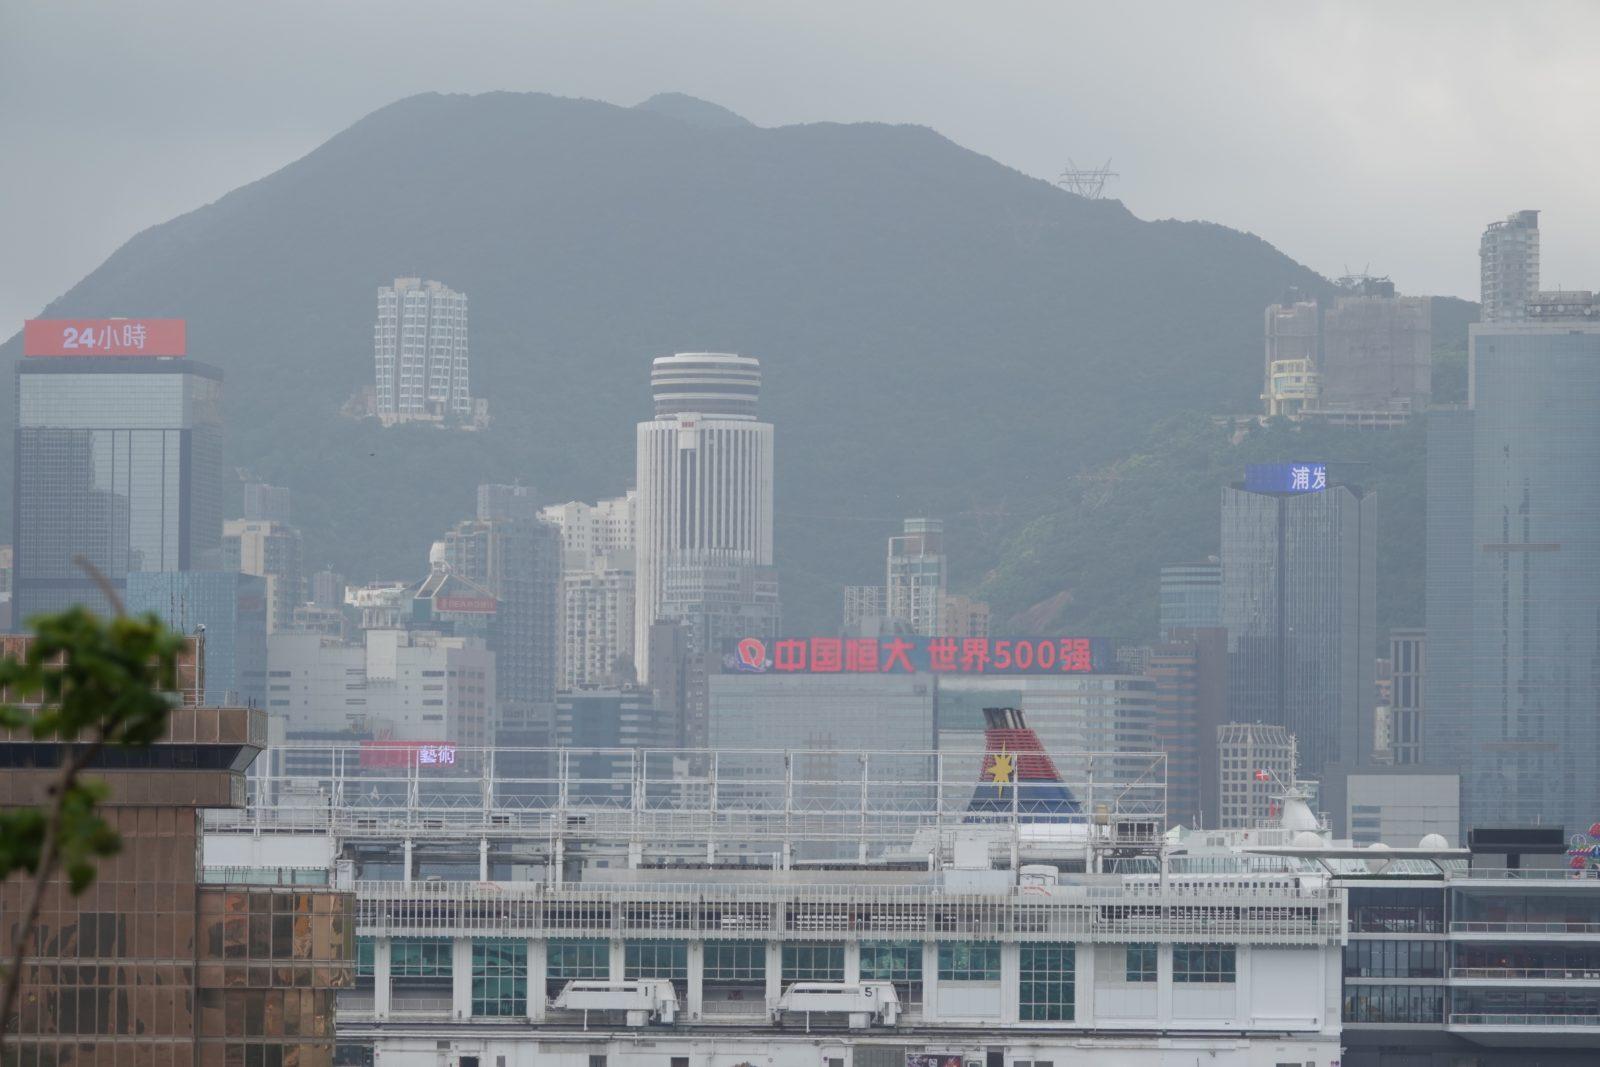 香港 デジタルサイネージ